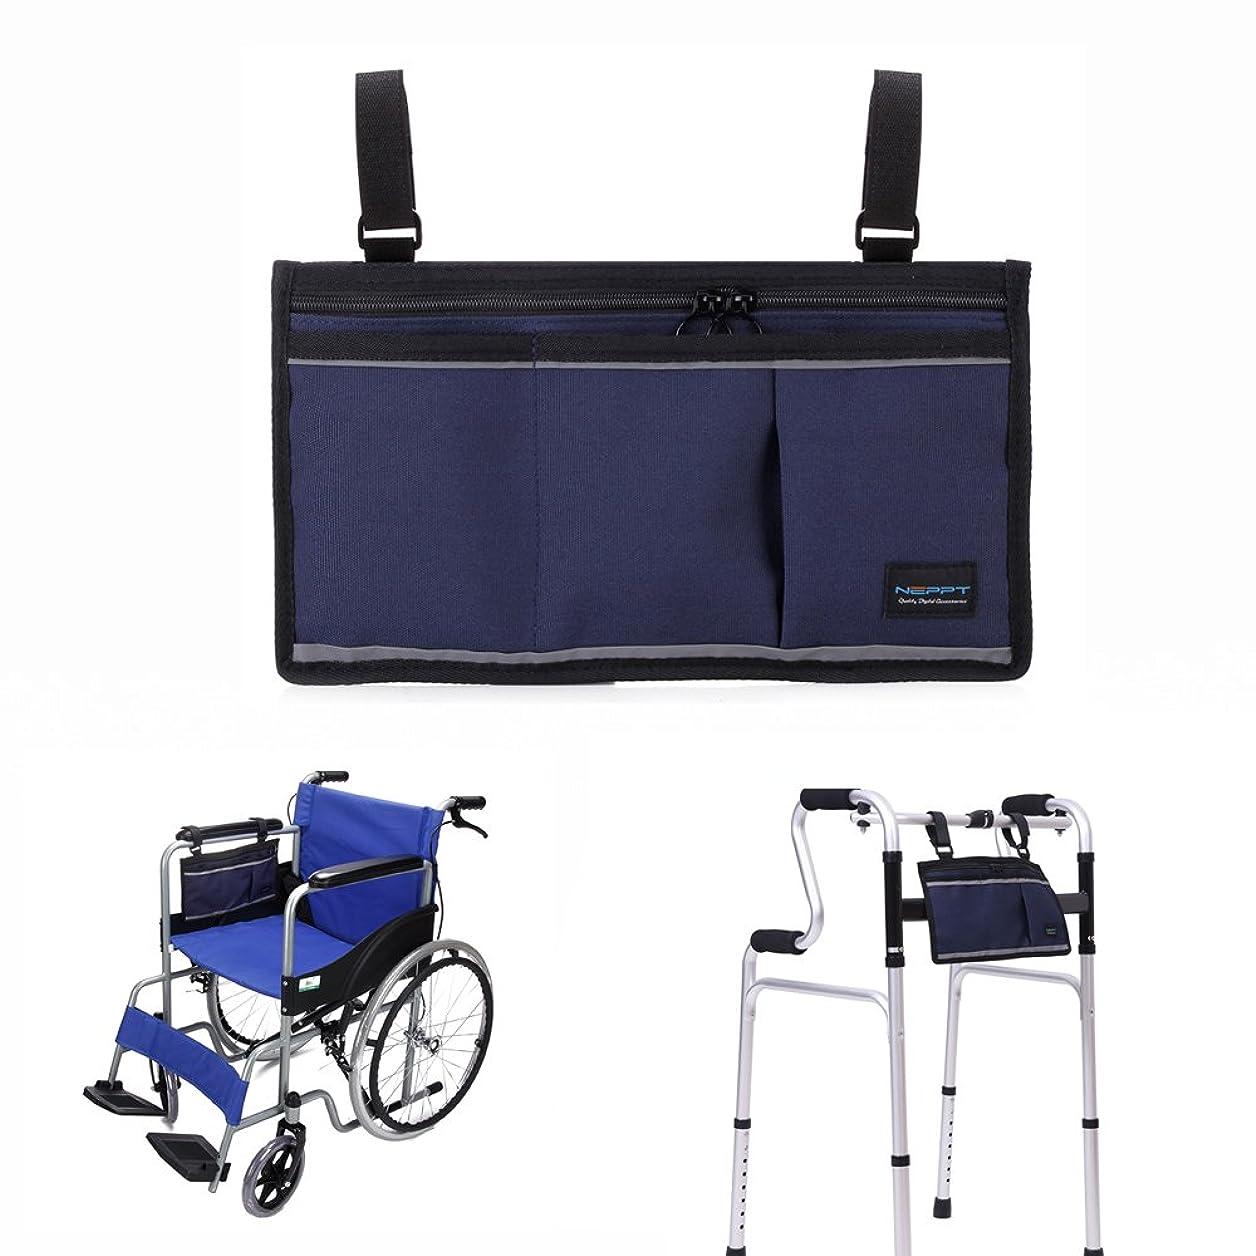 公平なただベアリングサークル車いす用バッグ·車椅子の側面に掛けて用収納 ポケット【車椅子付属品】 (ブルー)